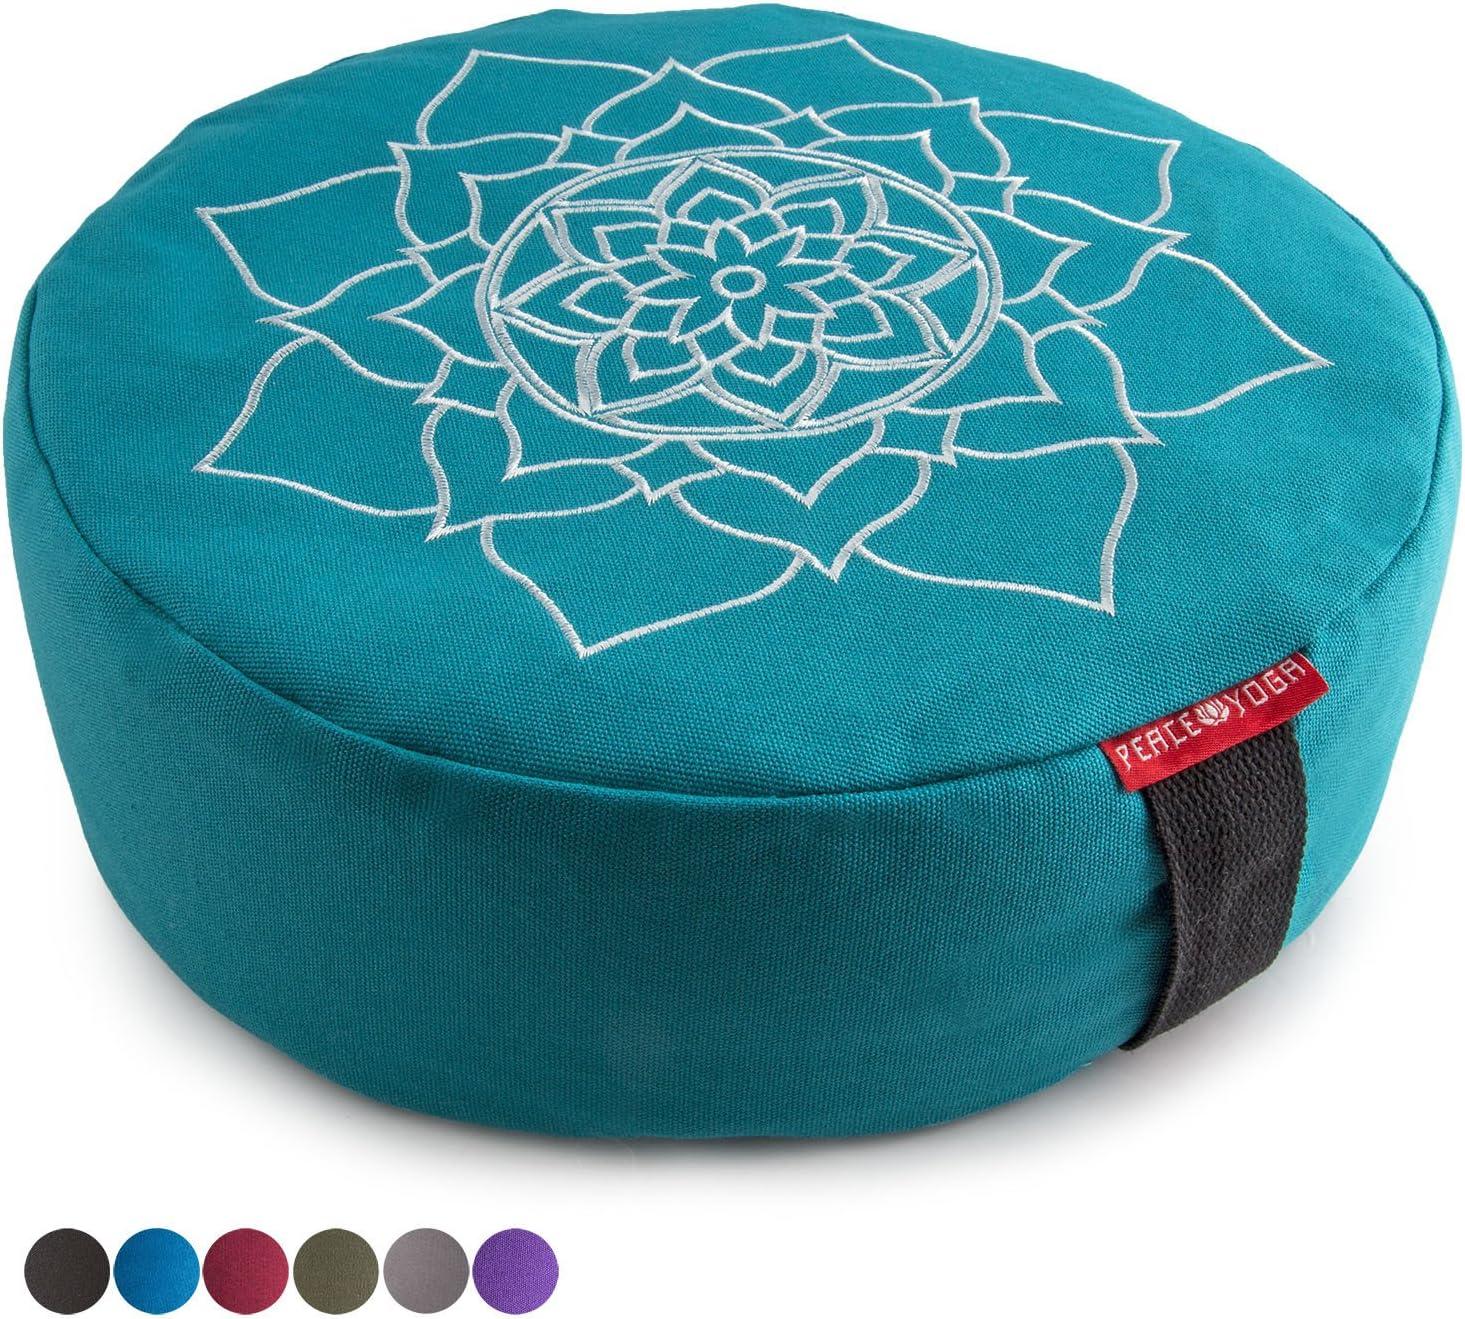 平和ヨガZafu瞑想ヨガBuckwheat Filledコットン枕枕クッションwithプレミアムDesigns – Choose yourデザイン&サイズ Mandala Turquoise 13\